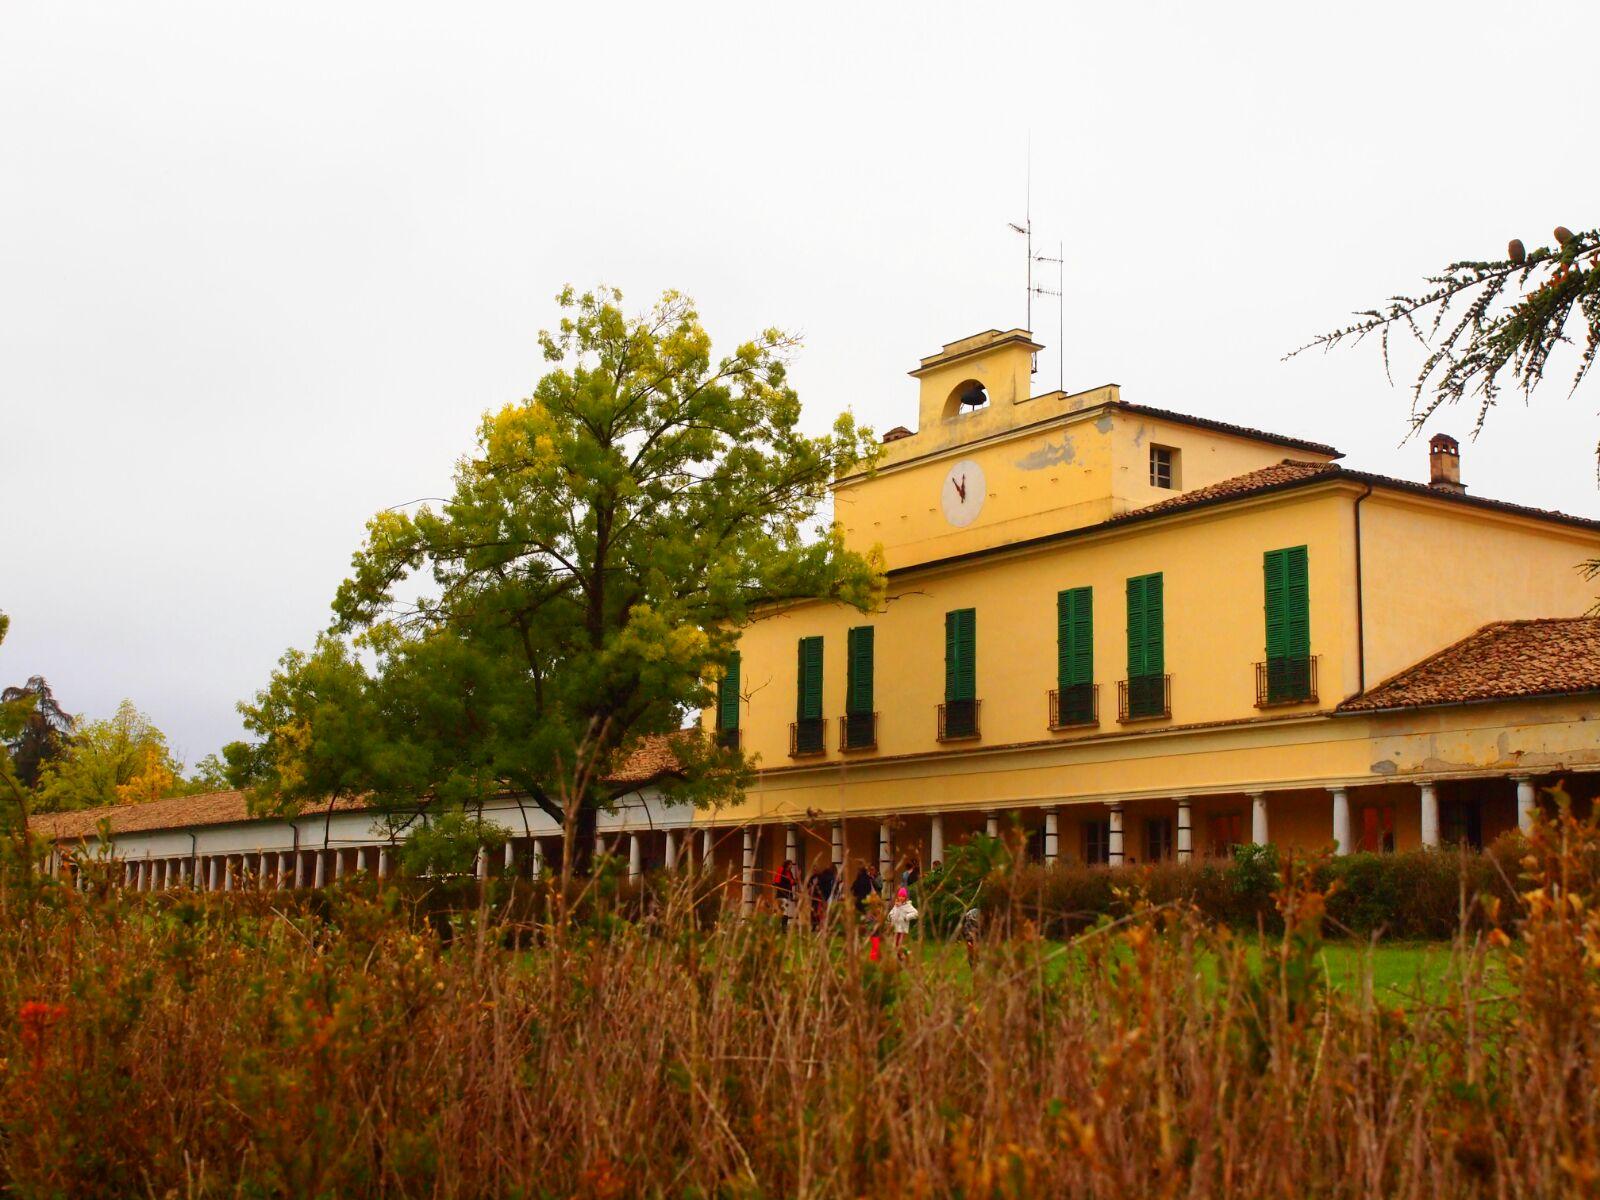 """Festival del Turismo Responsabile IT.A.CÀ Parma. 6 ottobre: """"Gusti e Sapori dei Boschi di Carrega tra natura e cultura"""""""